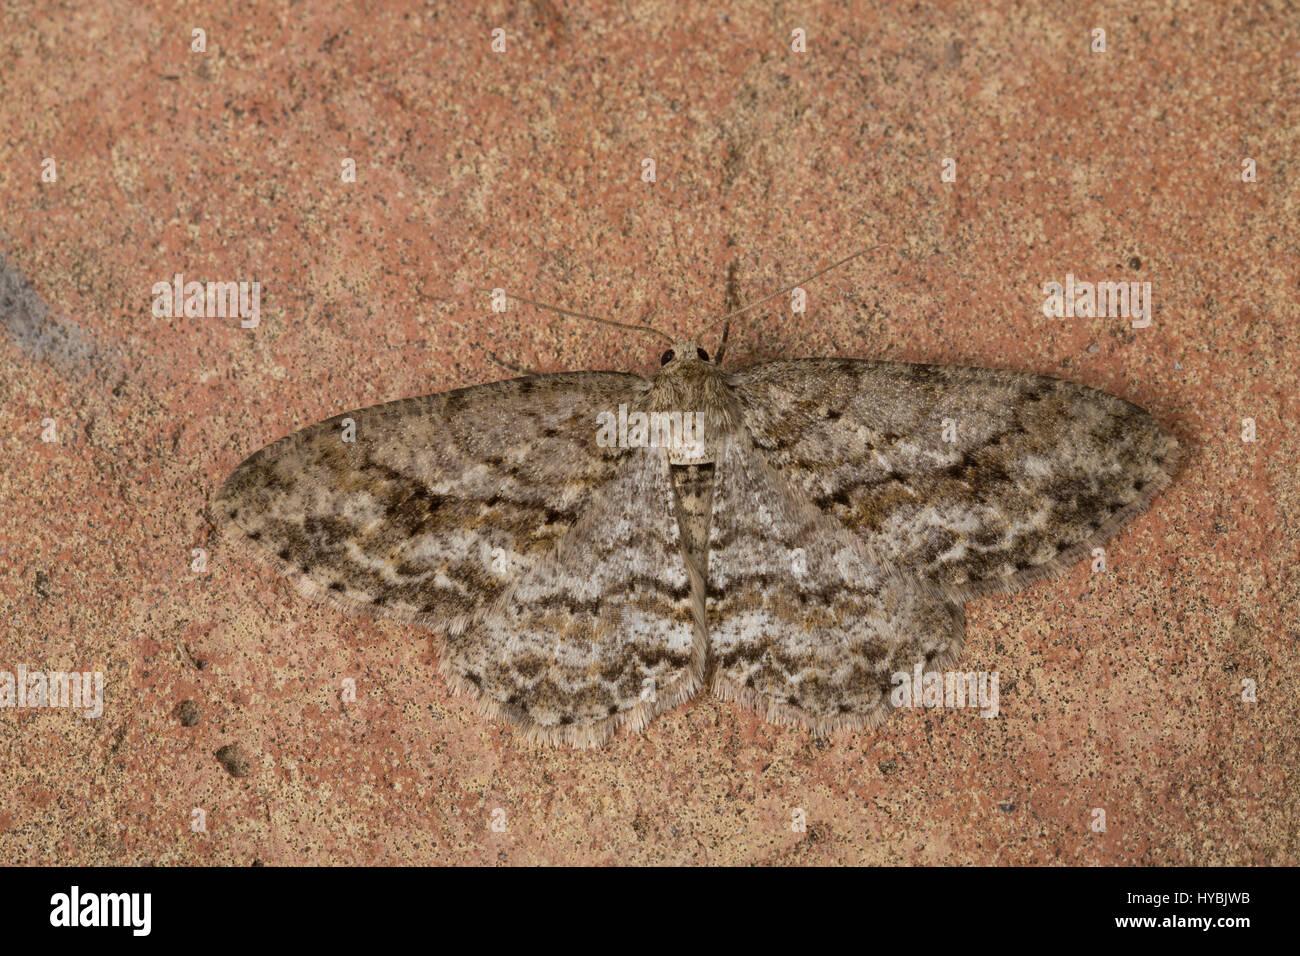 Zackenbindiger Rindenspanner, Pflaumenspanner, Ectropis crepuscularia, Ectropis bistortata, Boarmia bistortata, - Stock Image